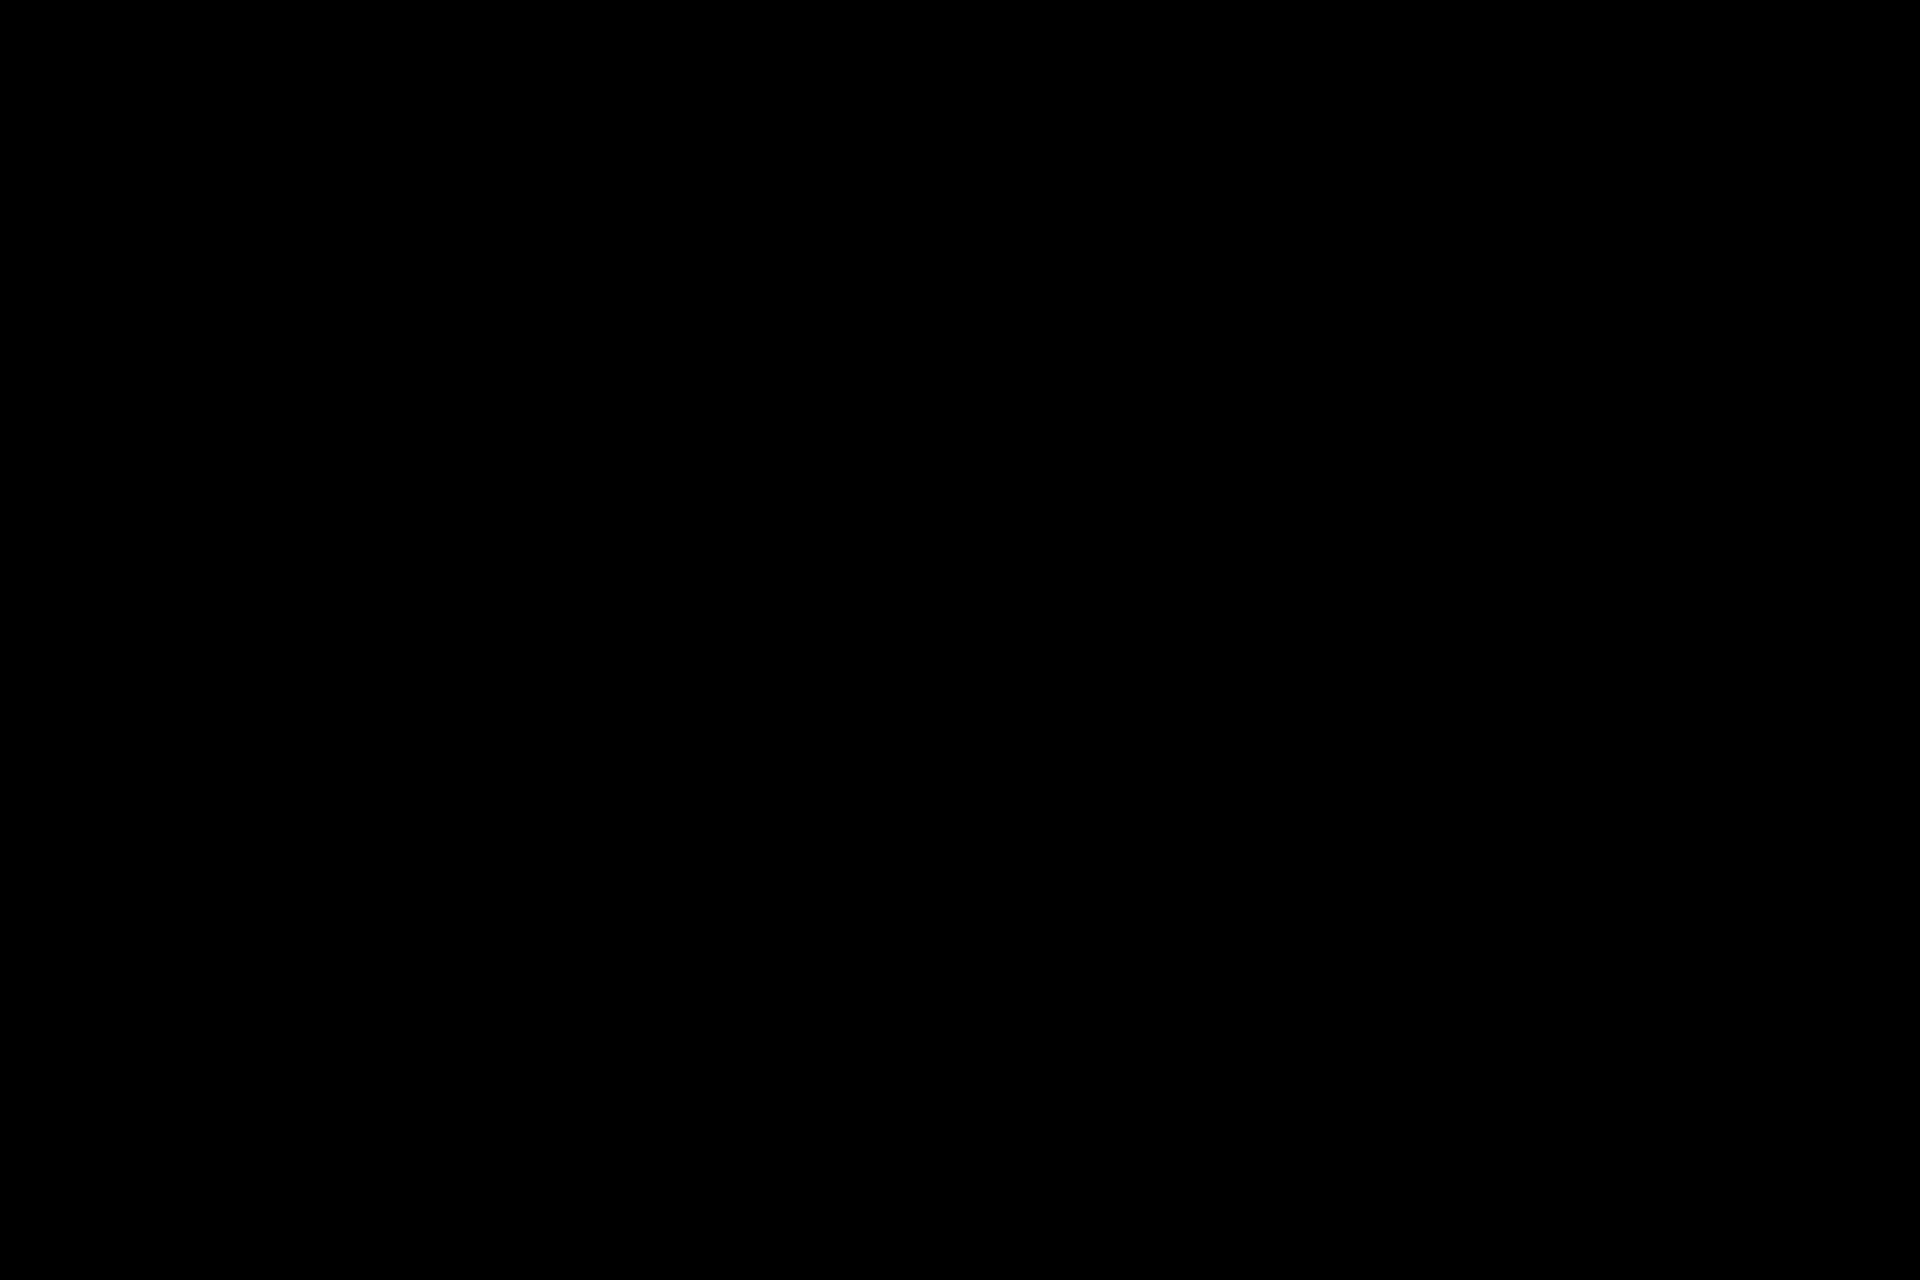 offener Briefumschlag - Icon